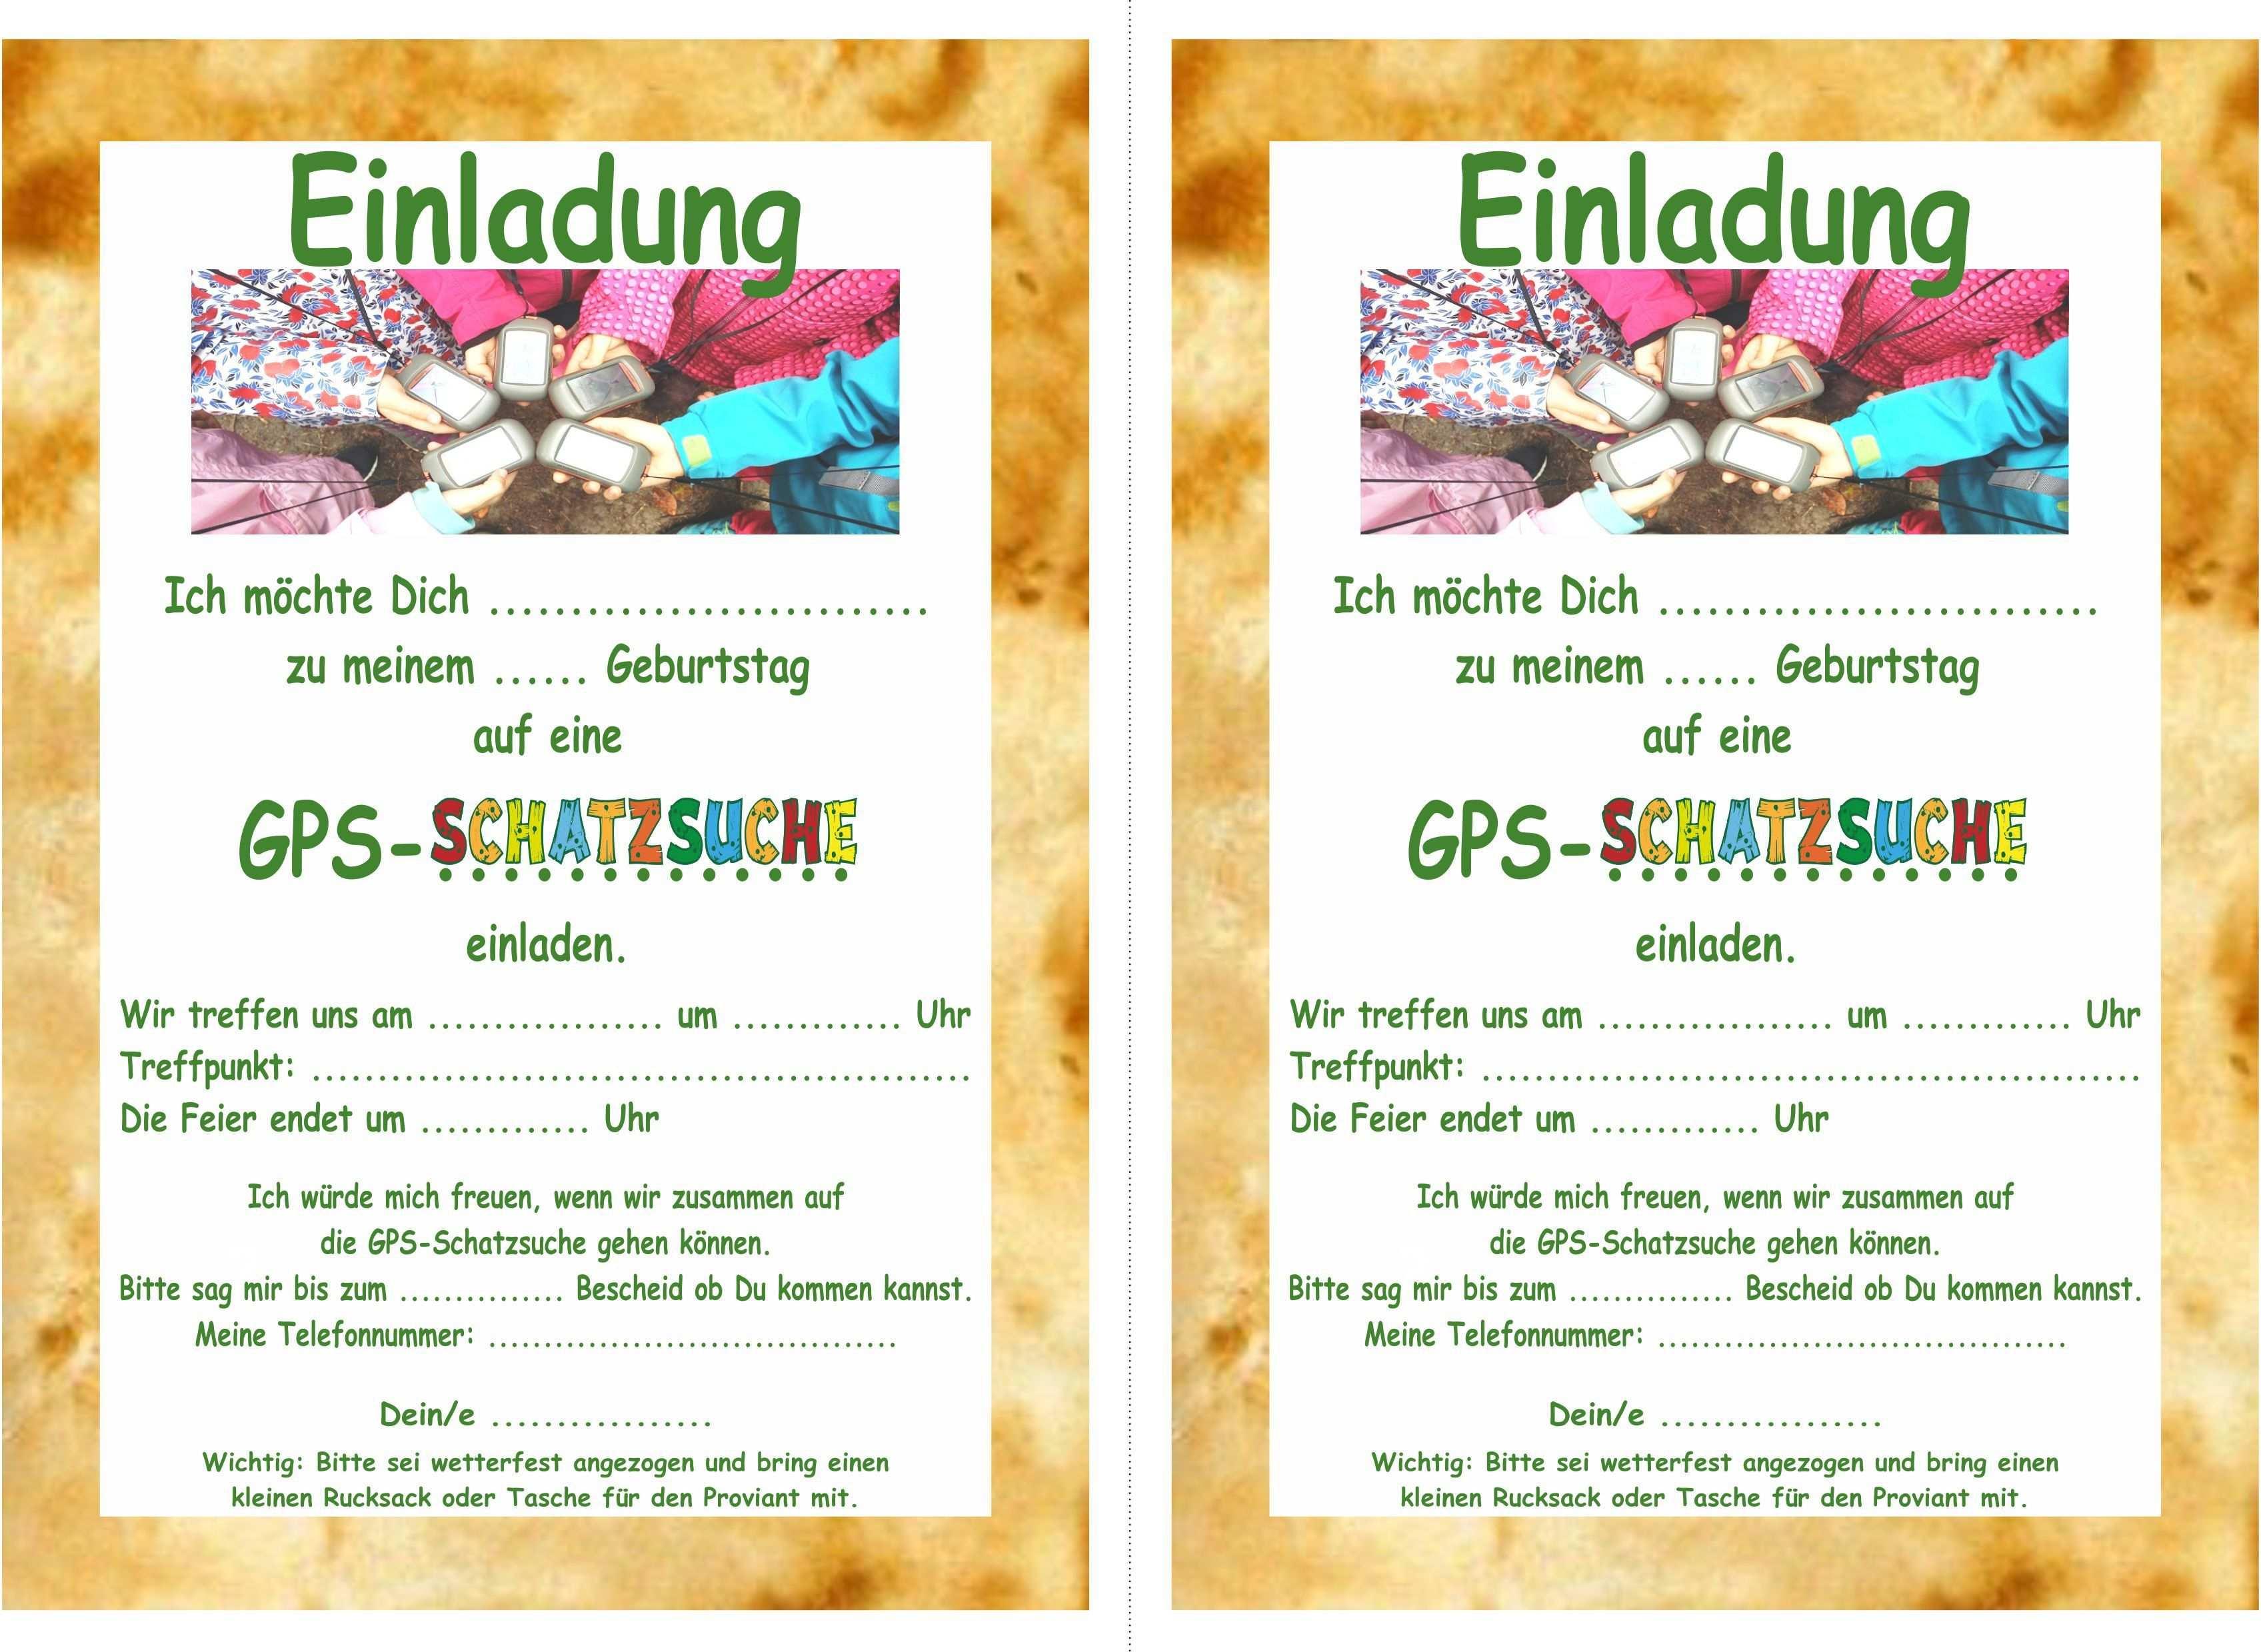 Einladung Fur Geburtstag Undangan Templat Undangan